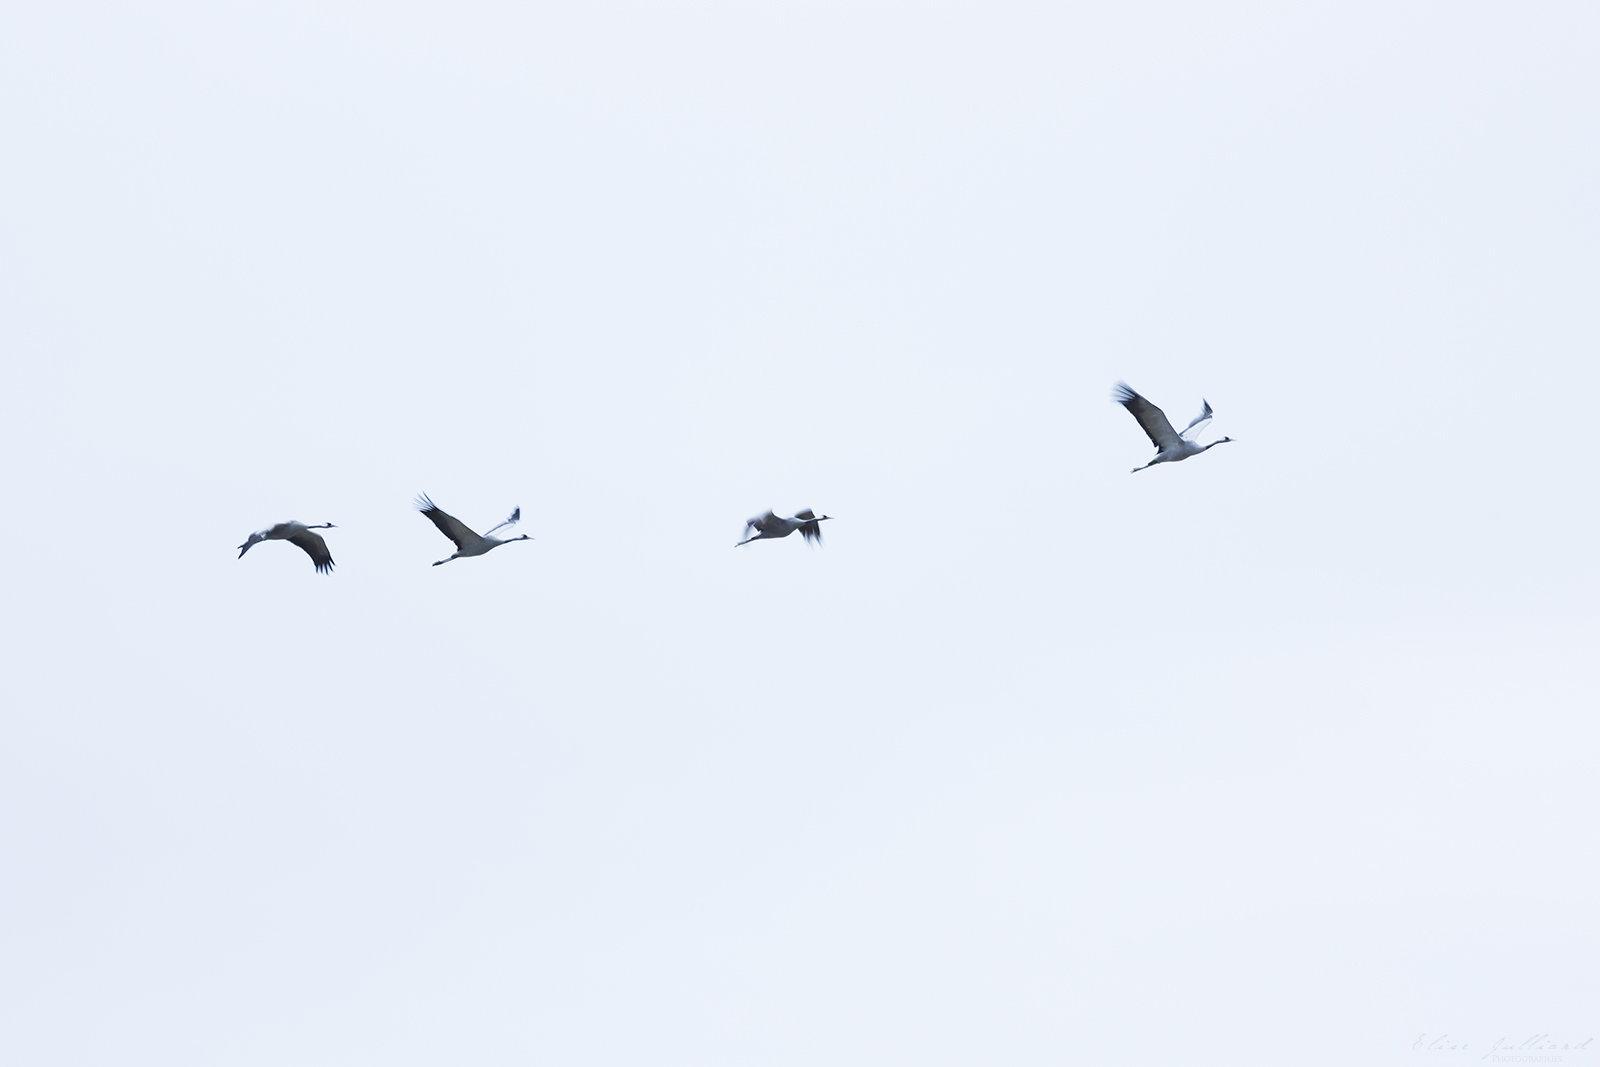 elise-julliard-photographe-photo-oiseaux-grues-cendrees-lac-de-montier-en-der-champagne-ardenne